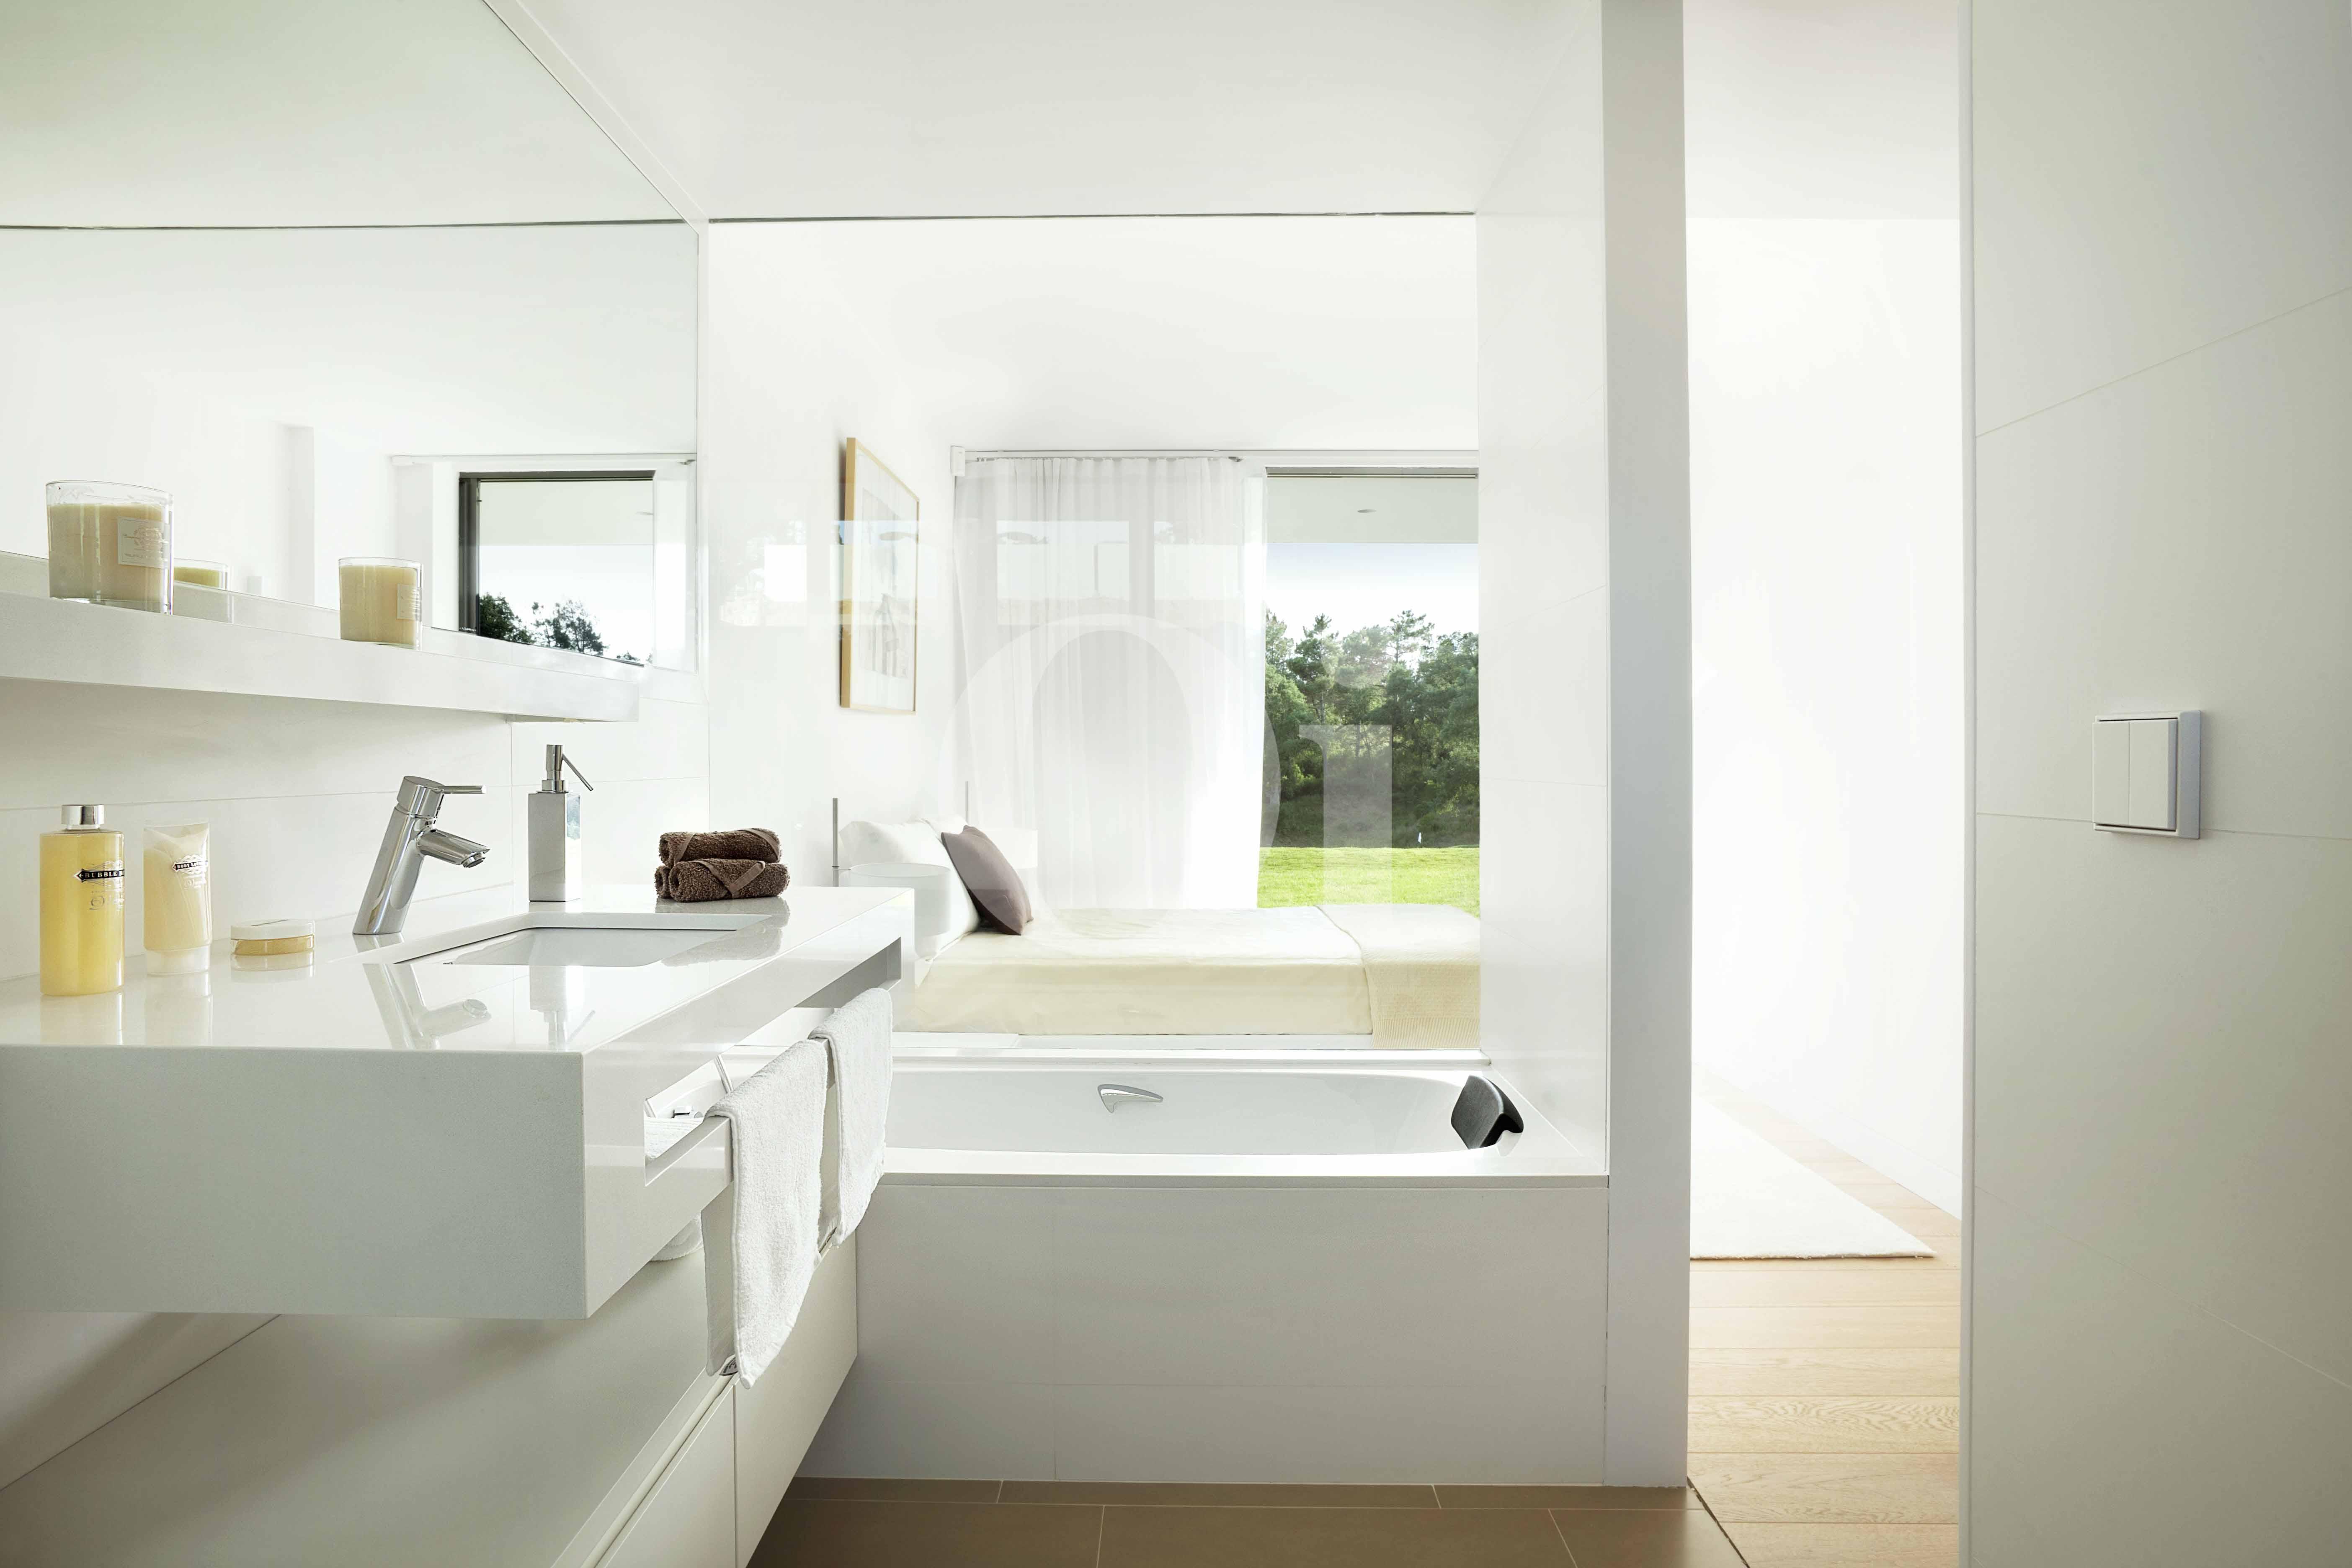 Baño de apartamento con jardín en venta en Caldes de Malavella